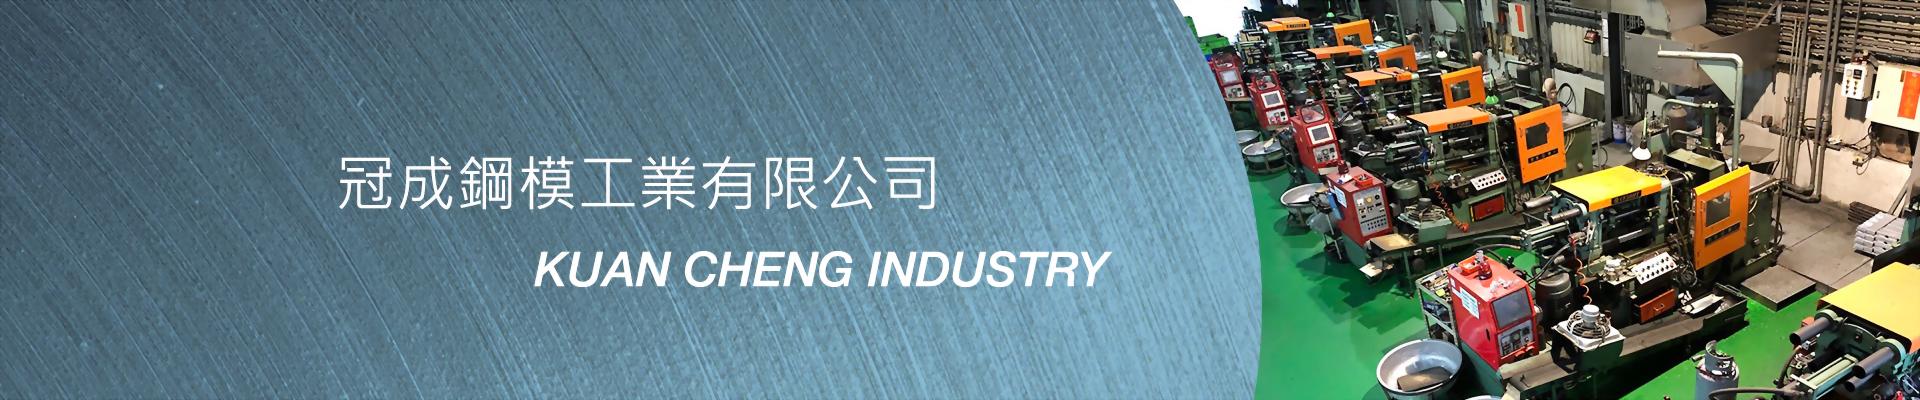 冠成鋼模工業有限公司